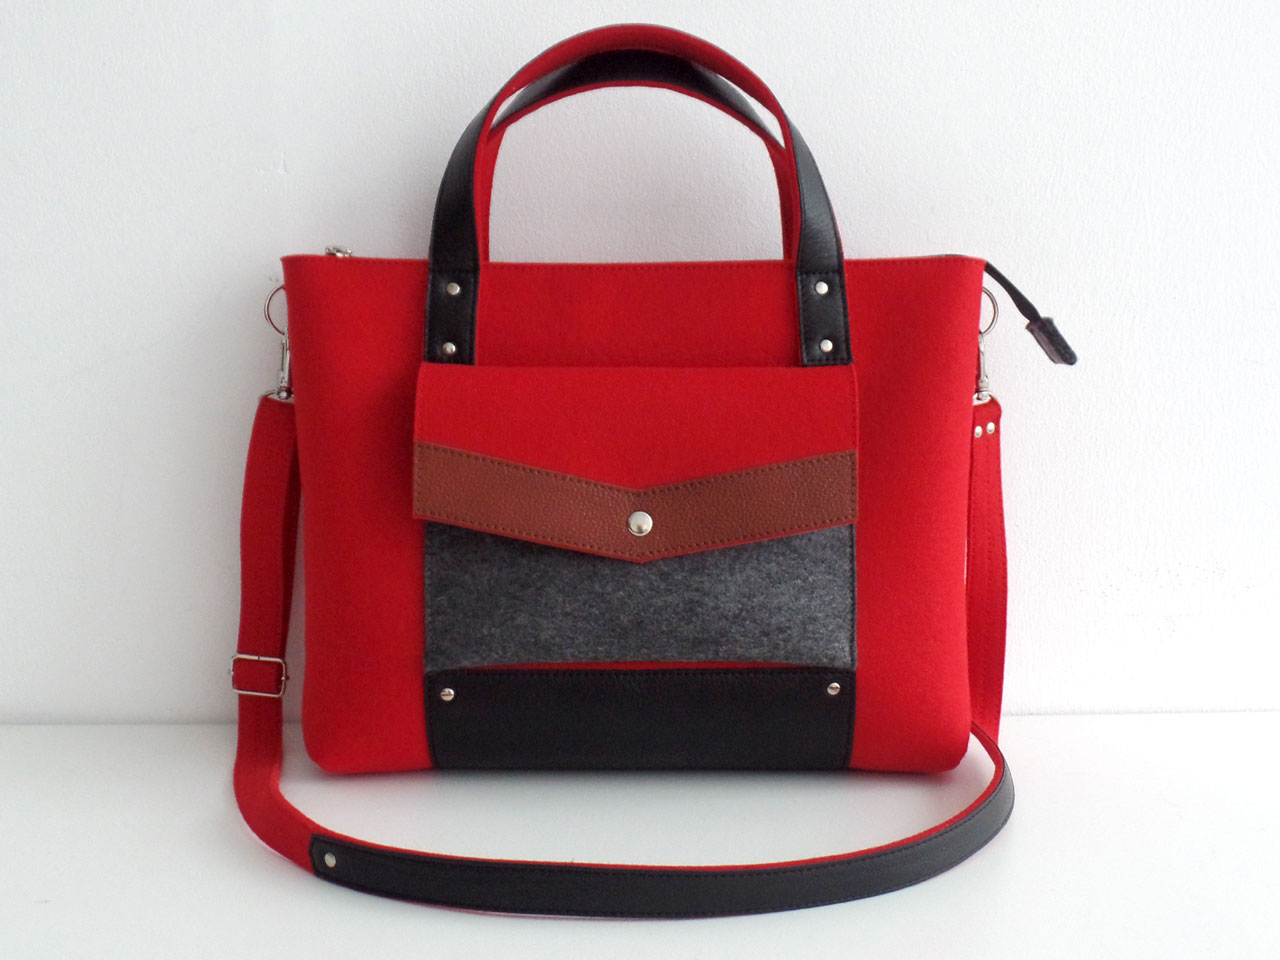 Ярко-красная сумка-портфель из фетра и натуральной кожи в магазине ... 6f60c8f7619